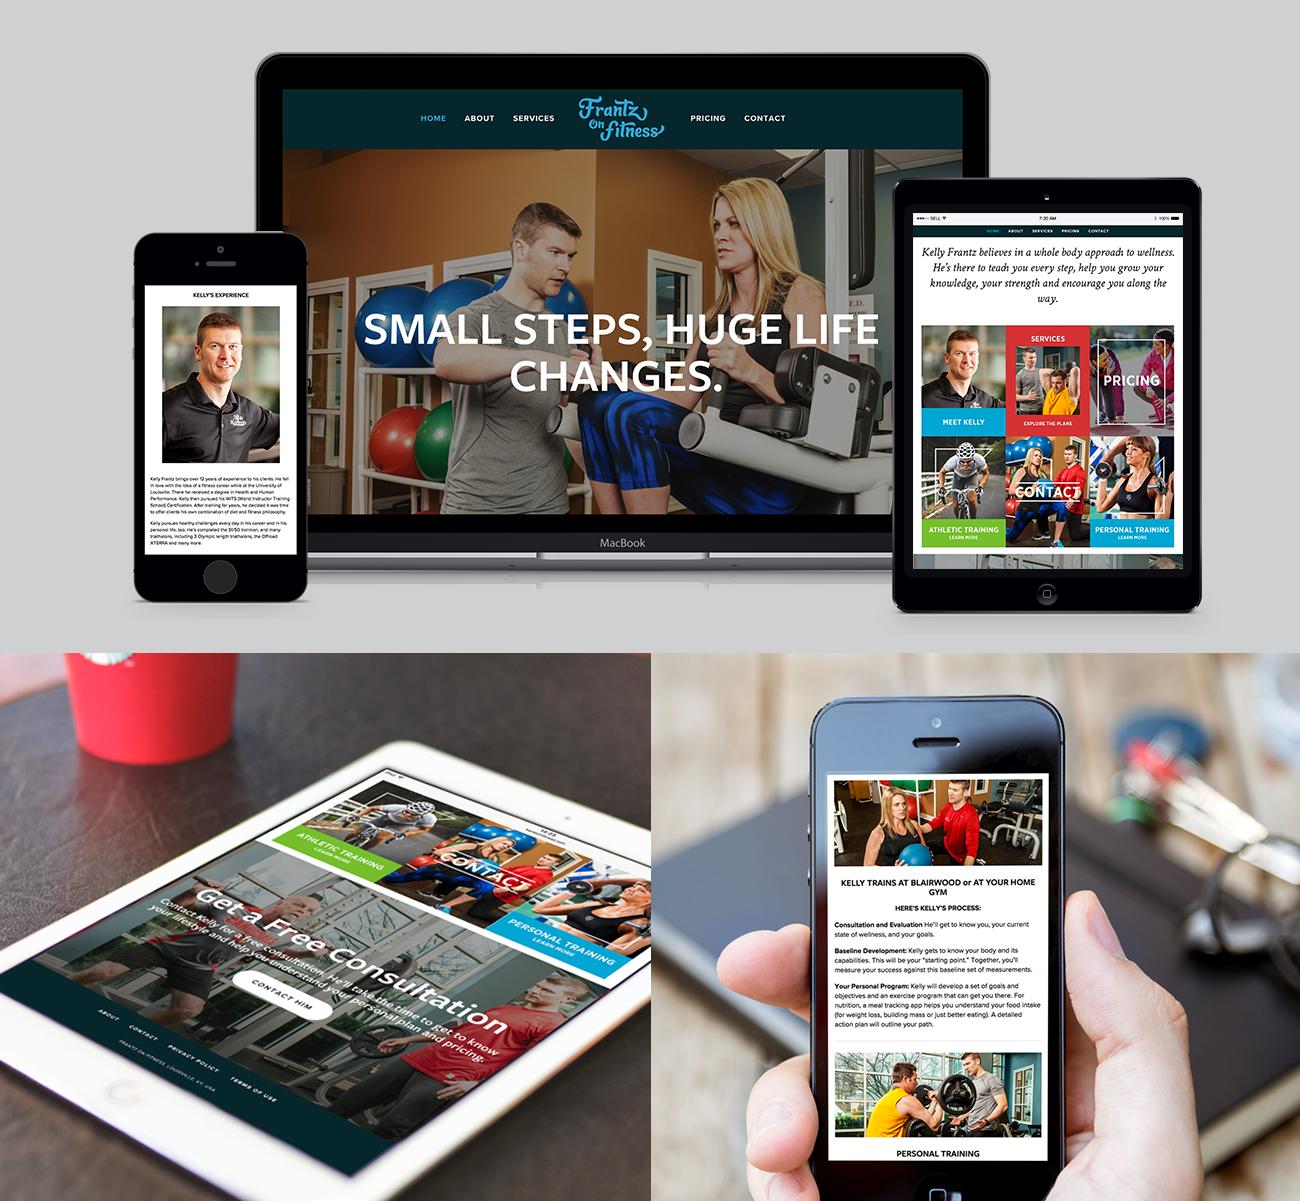 Frantz-on-Fitness-website-leo-gomez-studio